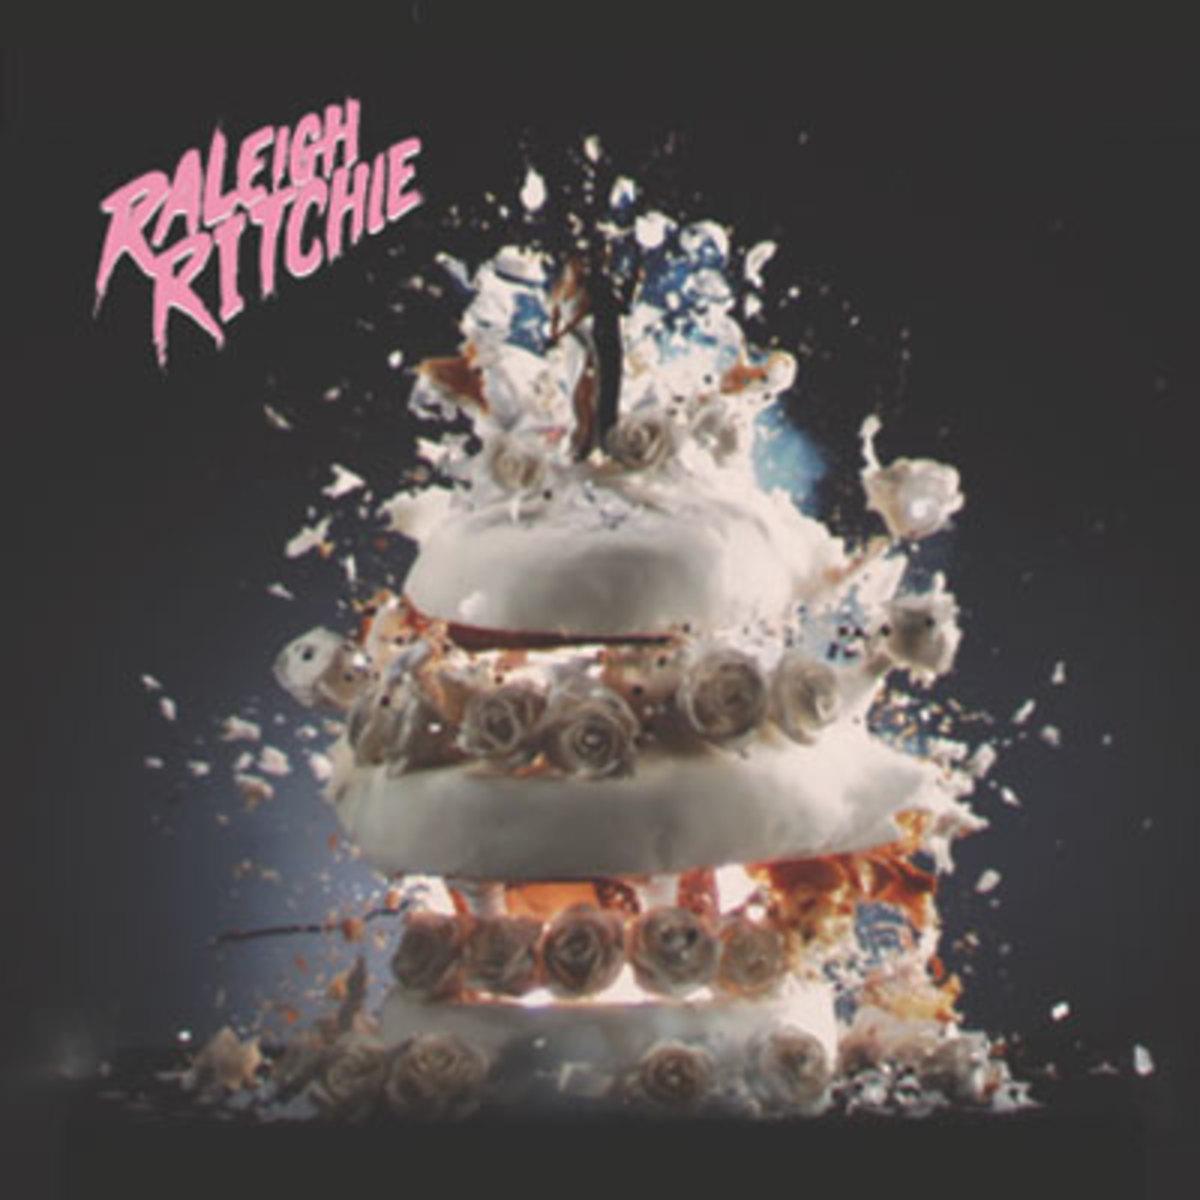 raleigh-ritchie-bloodsport.jpg